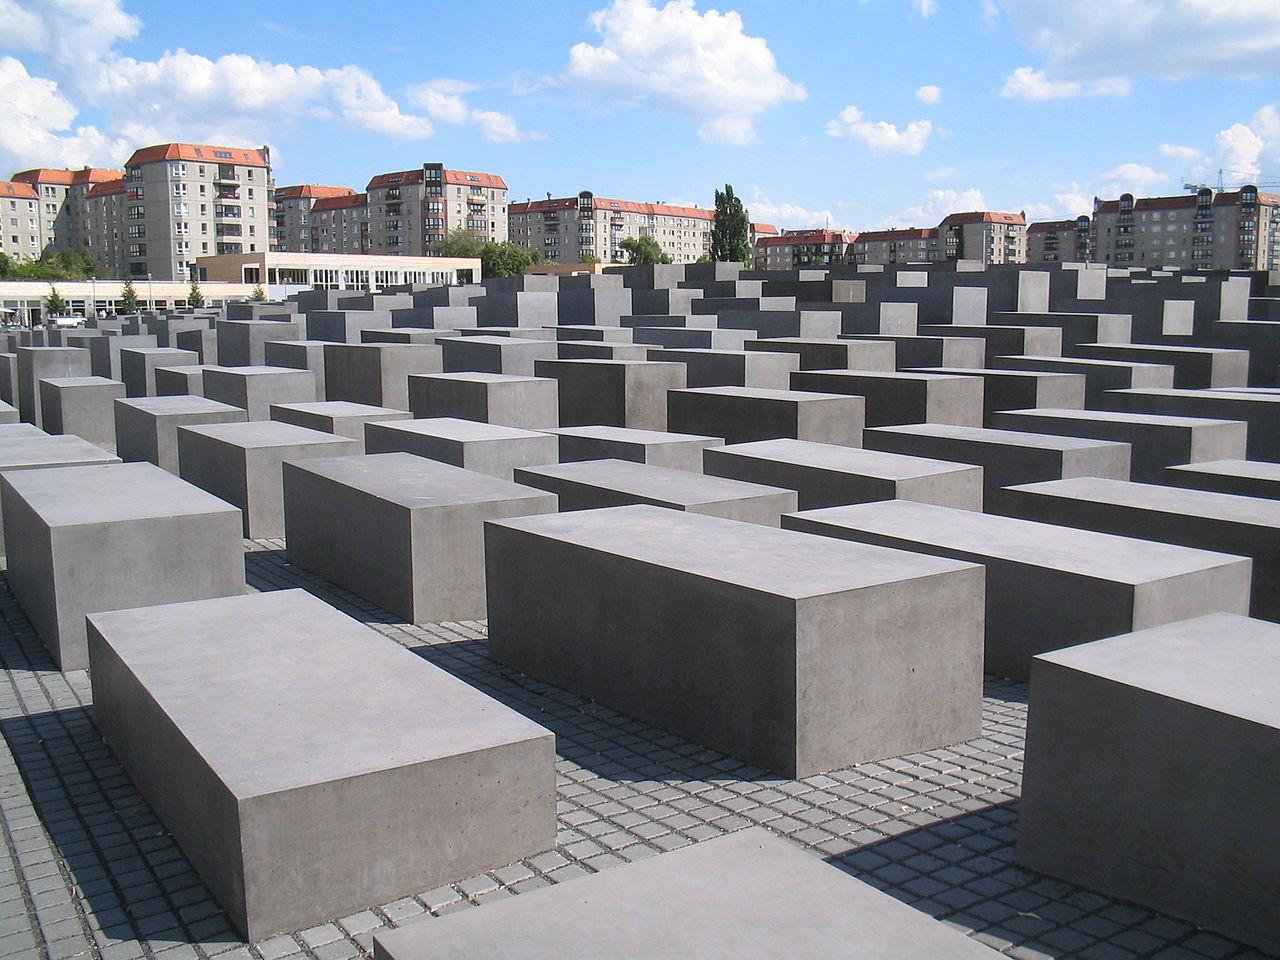 Bild Denkmal für die ermordeten Juden Europas in Berlin